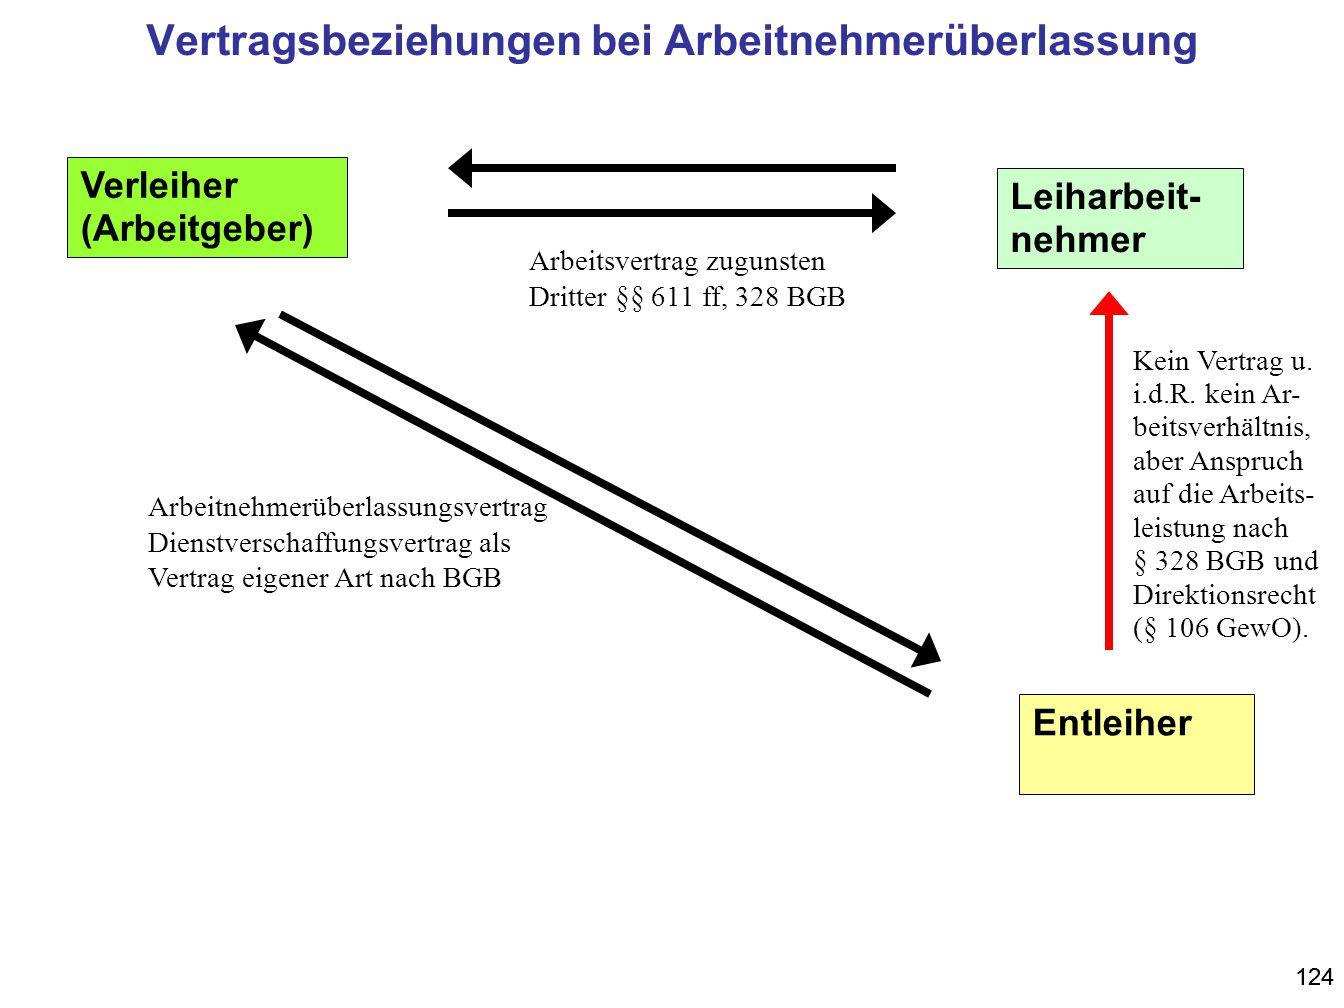 124 Entleiher Verleiher (Arbeitgeber) Leiharbeit- nehmer Vertragsbeziehungen bei Arbeitnehmerüberlassung Arbeitsvertrag zugunsten Dritter §§ 611 ff, 3